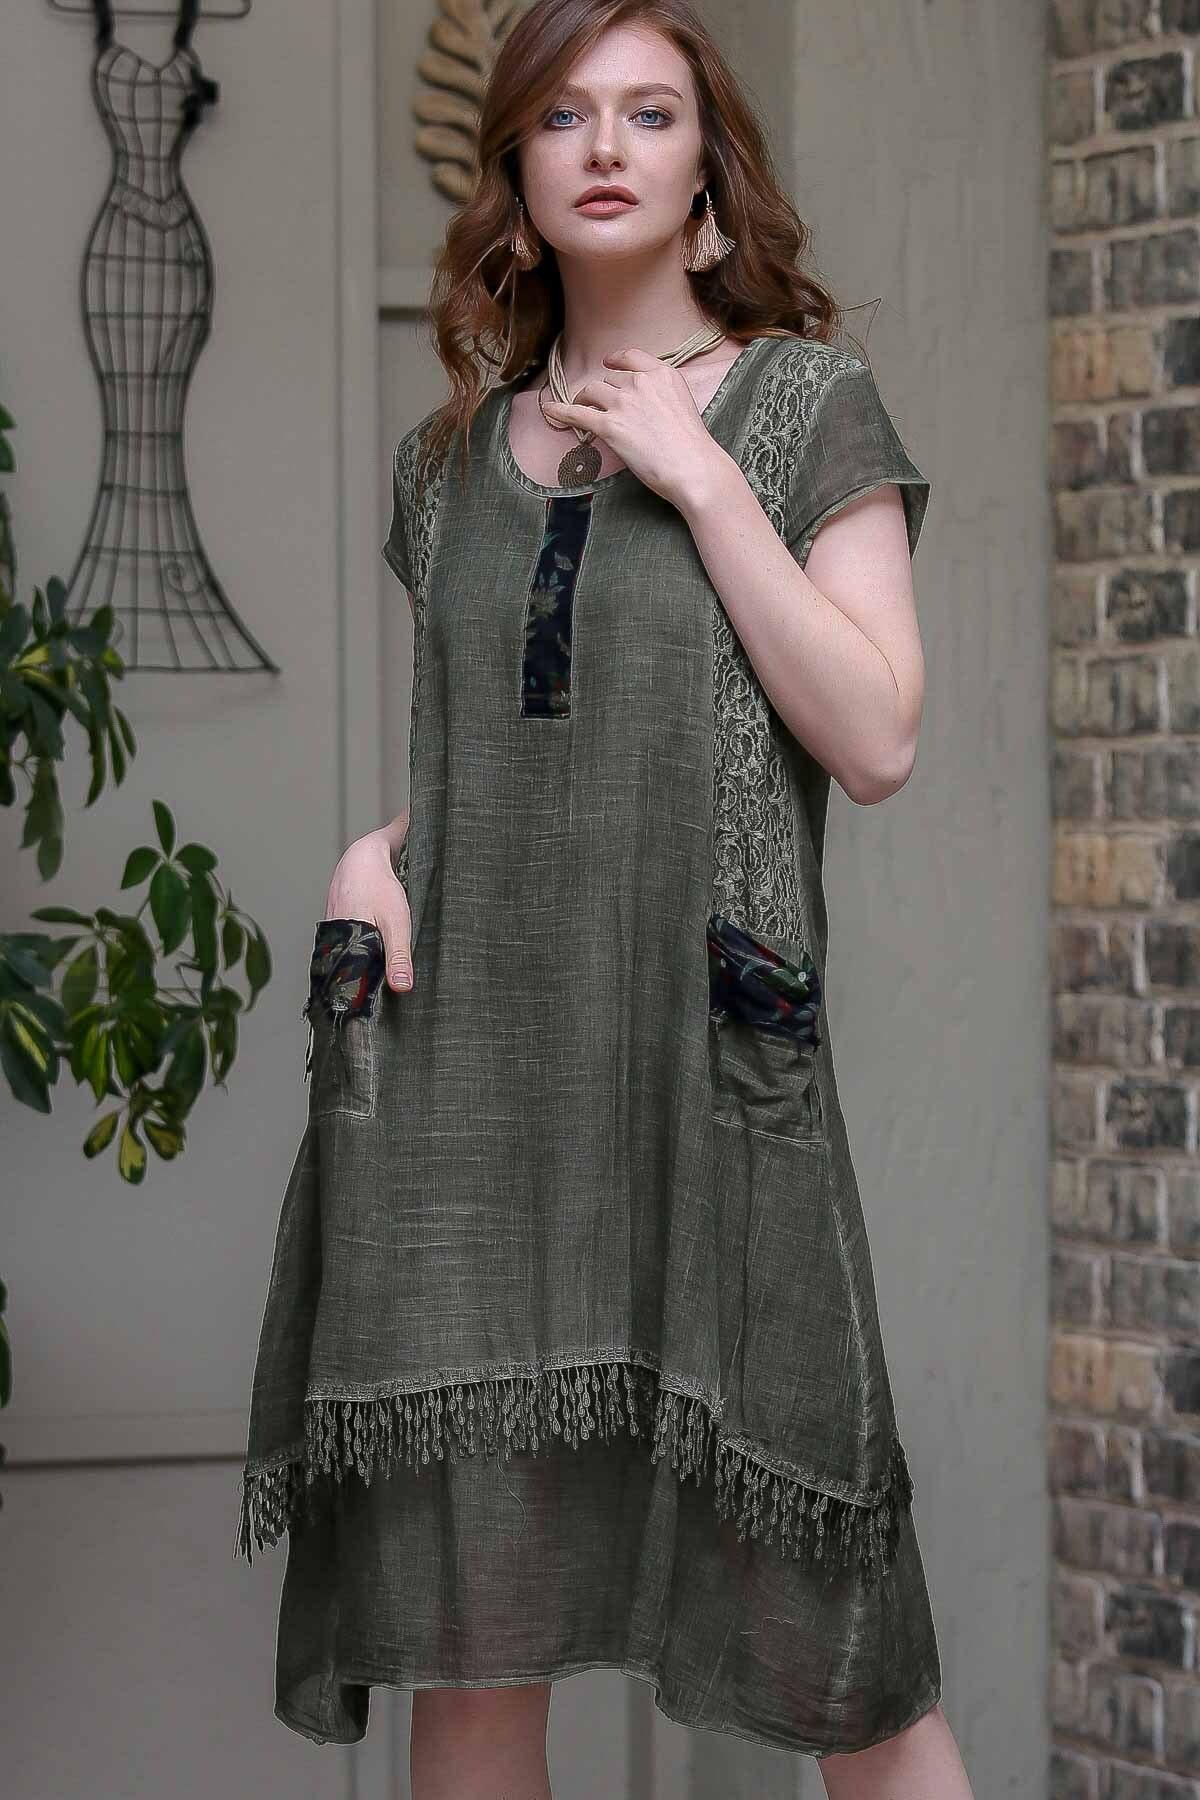 Chiccy Kadın Haki Dantel Ve Tülbent Detaylı Saçaklı Cepli Astarlı Yıkamalı Dokuma Elbise  M10160000EL97237